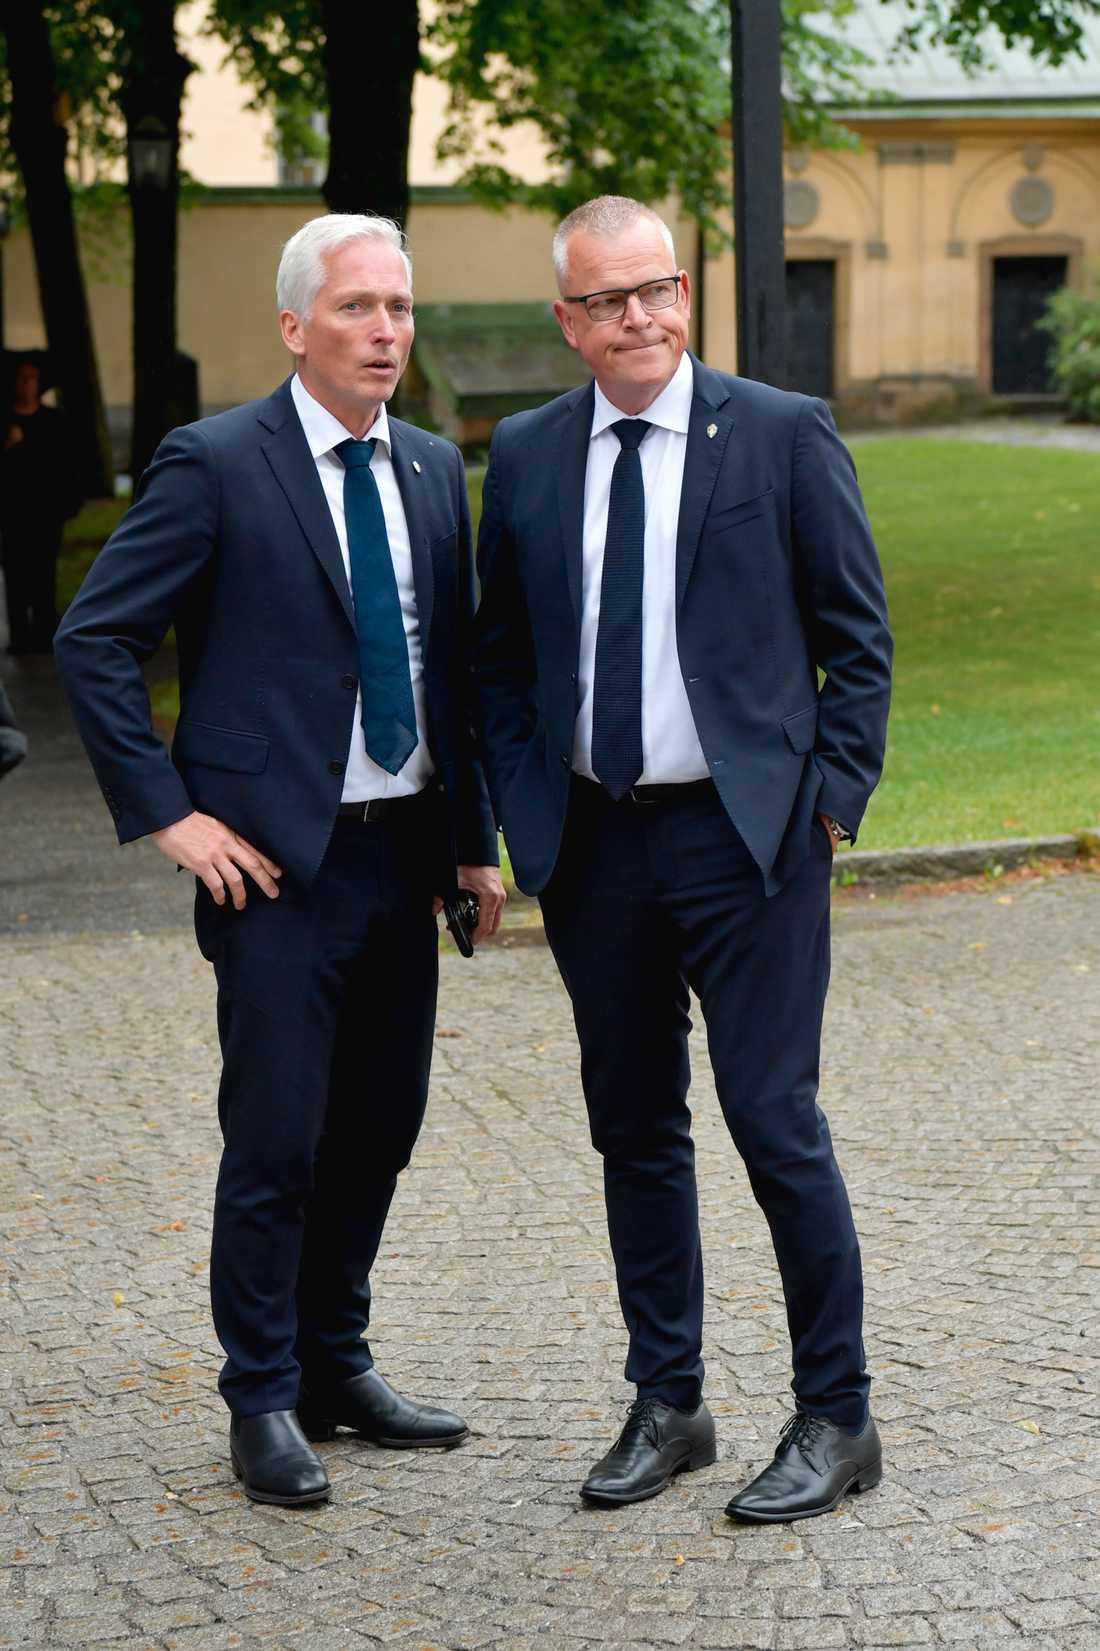 Generalsekreterare Håkan Sjöstrand och förbundskapten Janne Andersson.